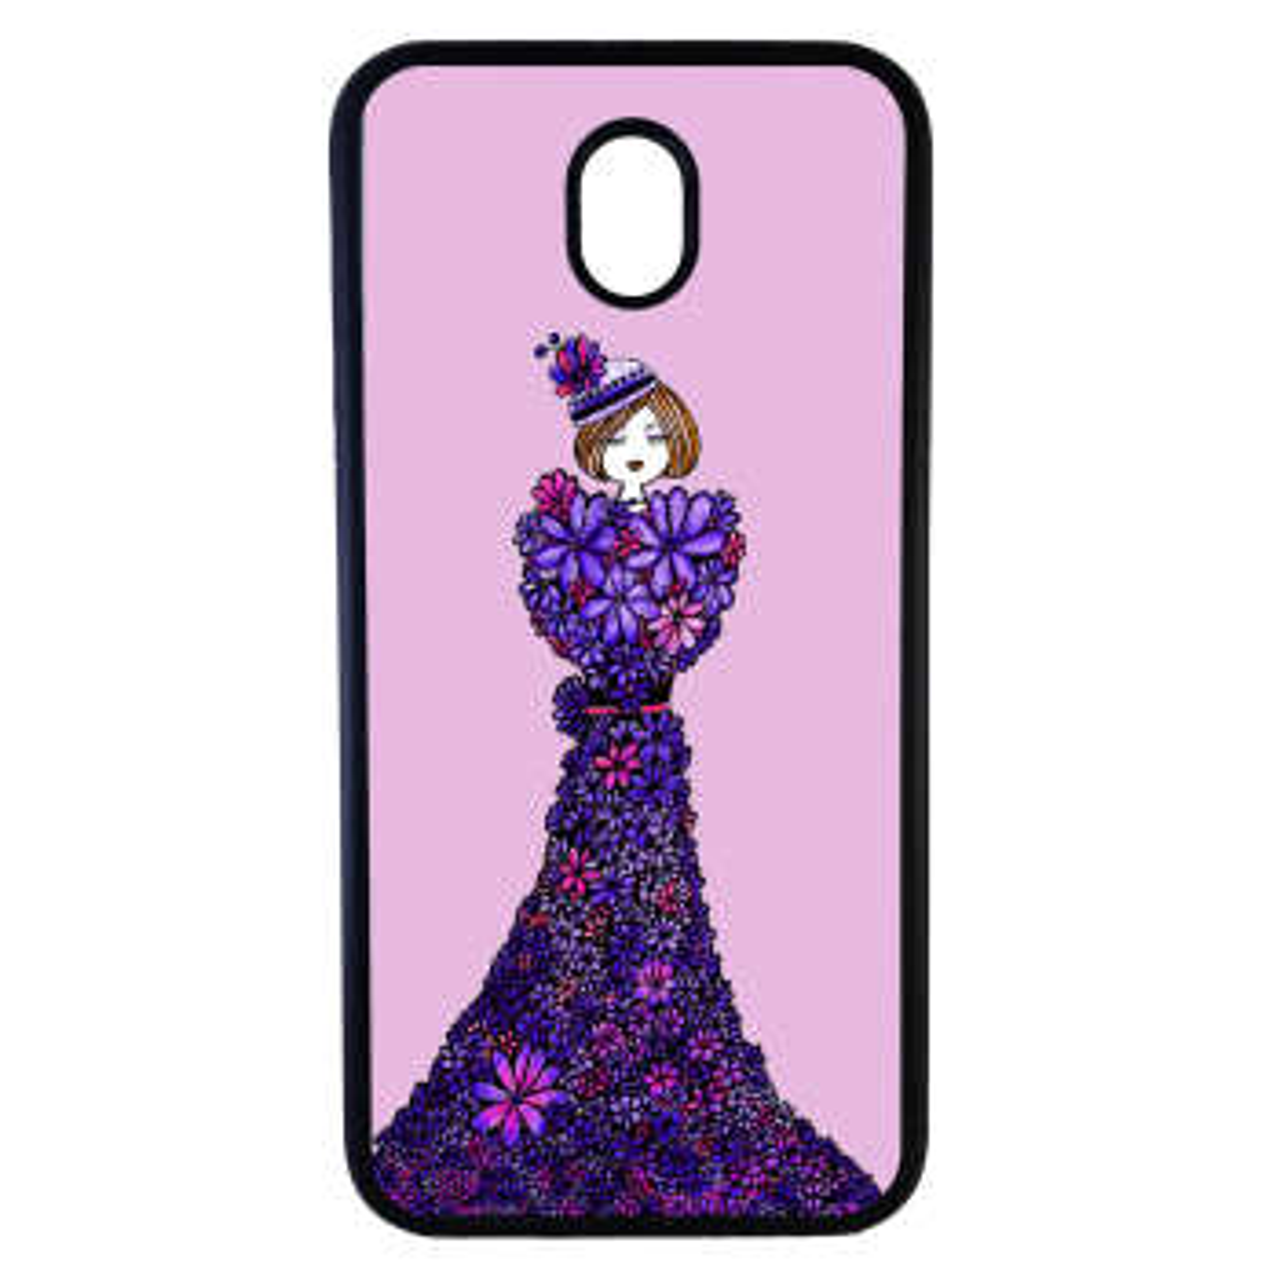 کاور طرح دخترانه کد 820 مناسب برای گوشی موبایل سامسونگ galaxy j3 pro